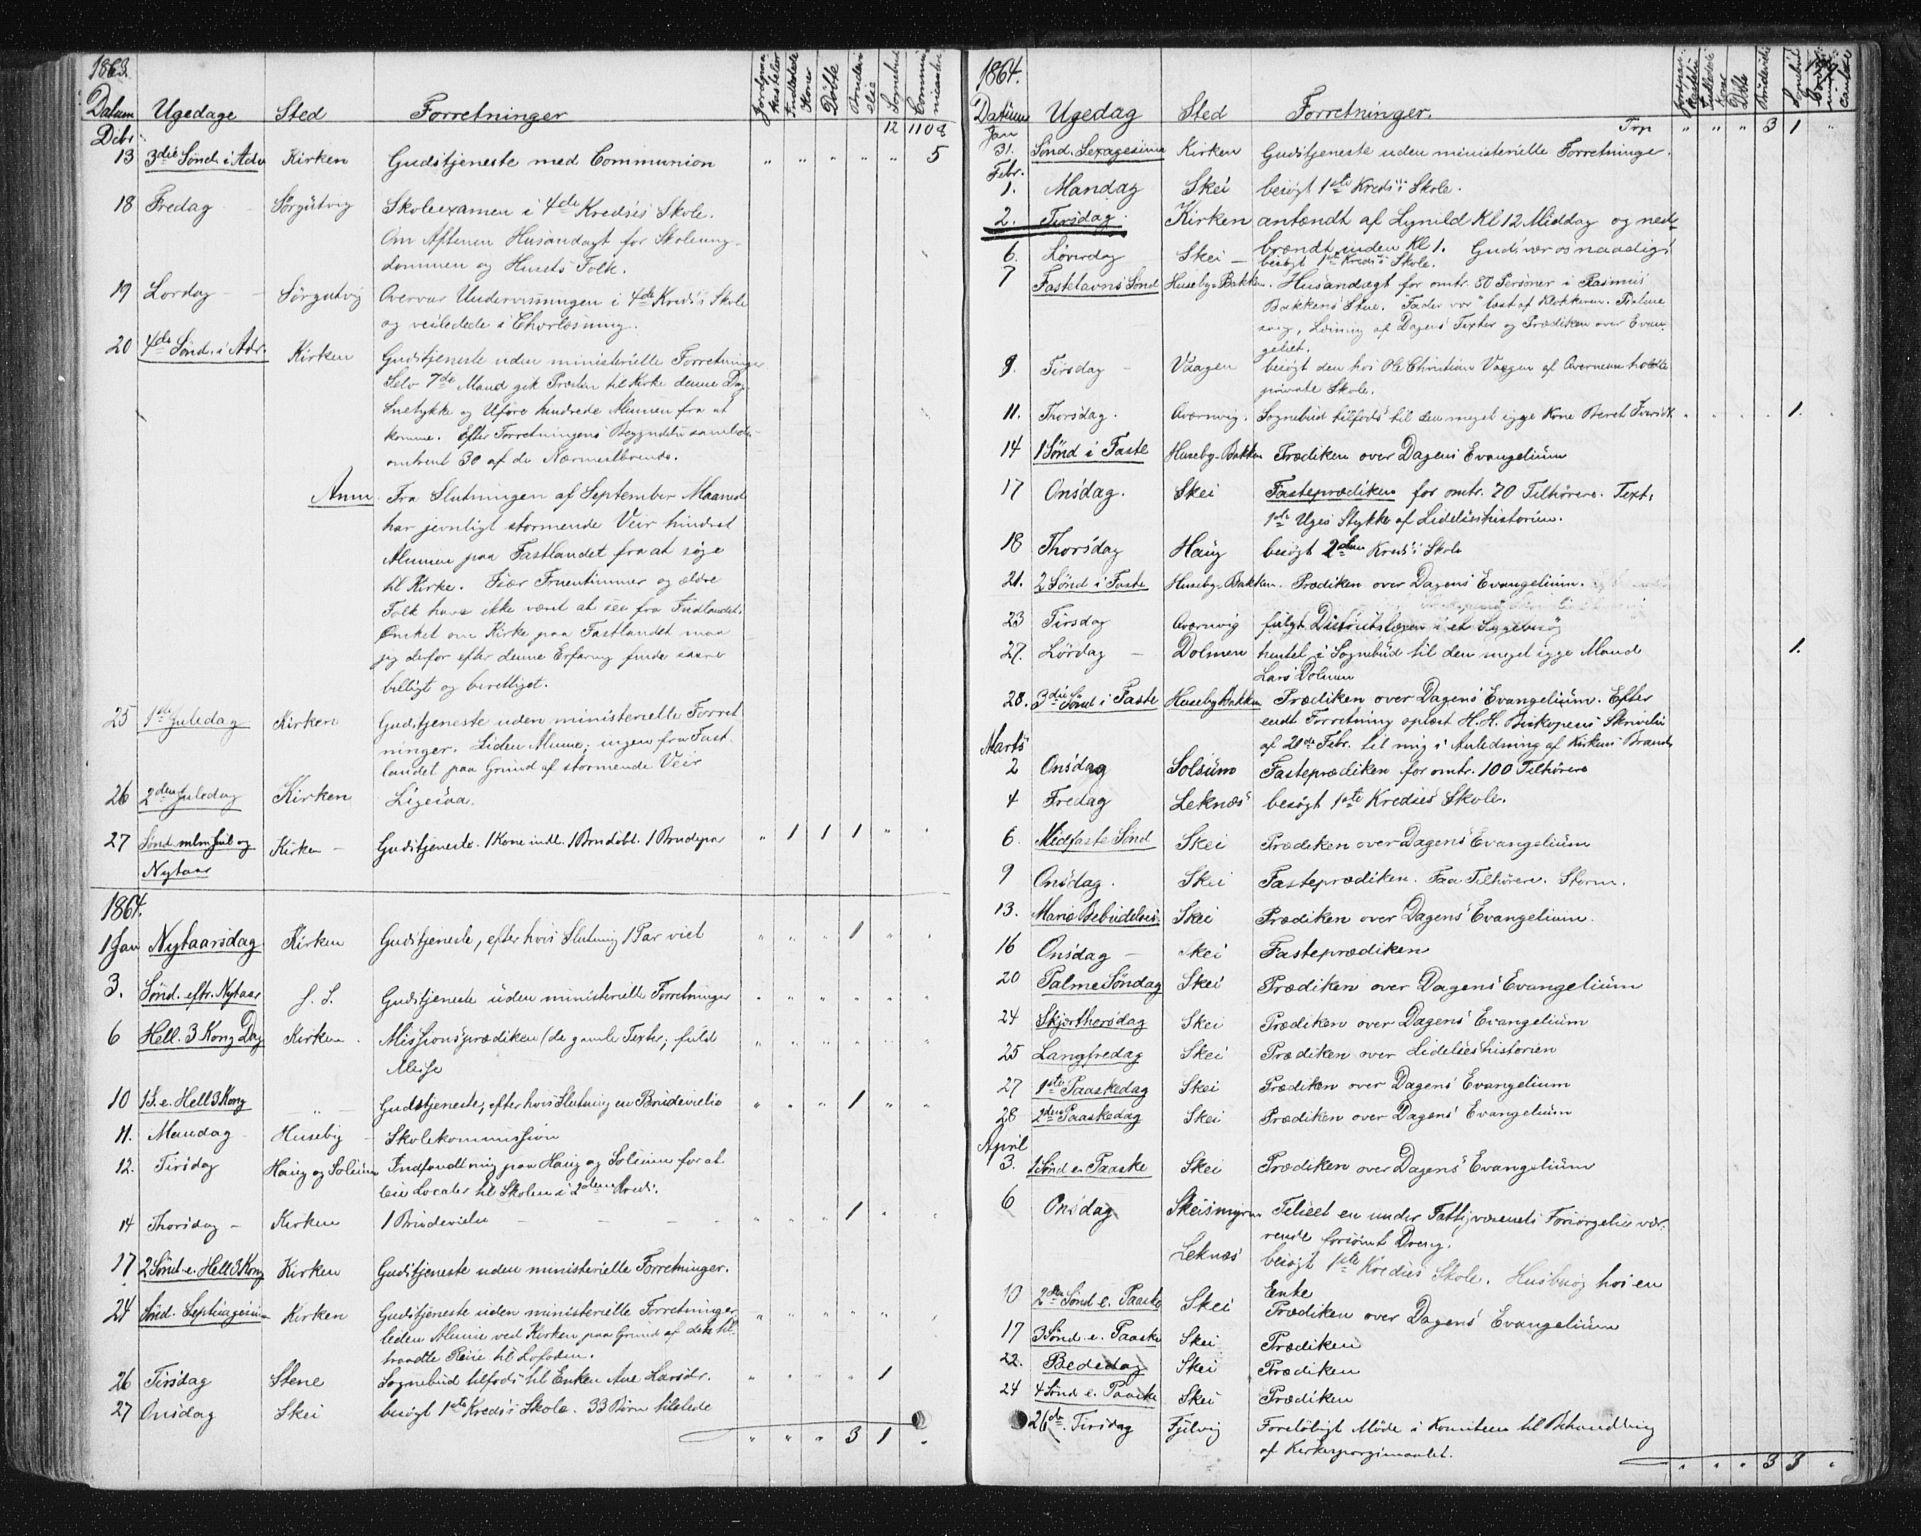 SAT, Ministerialprotokoller, klokkerbøker og fødselsregistre - Nord-Trøndelag, 788/L0696: Ministerialbok nr. 788A03, 1863-1877, s. 179